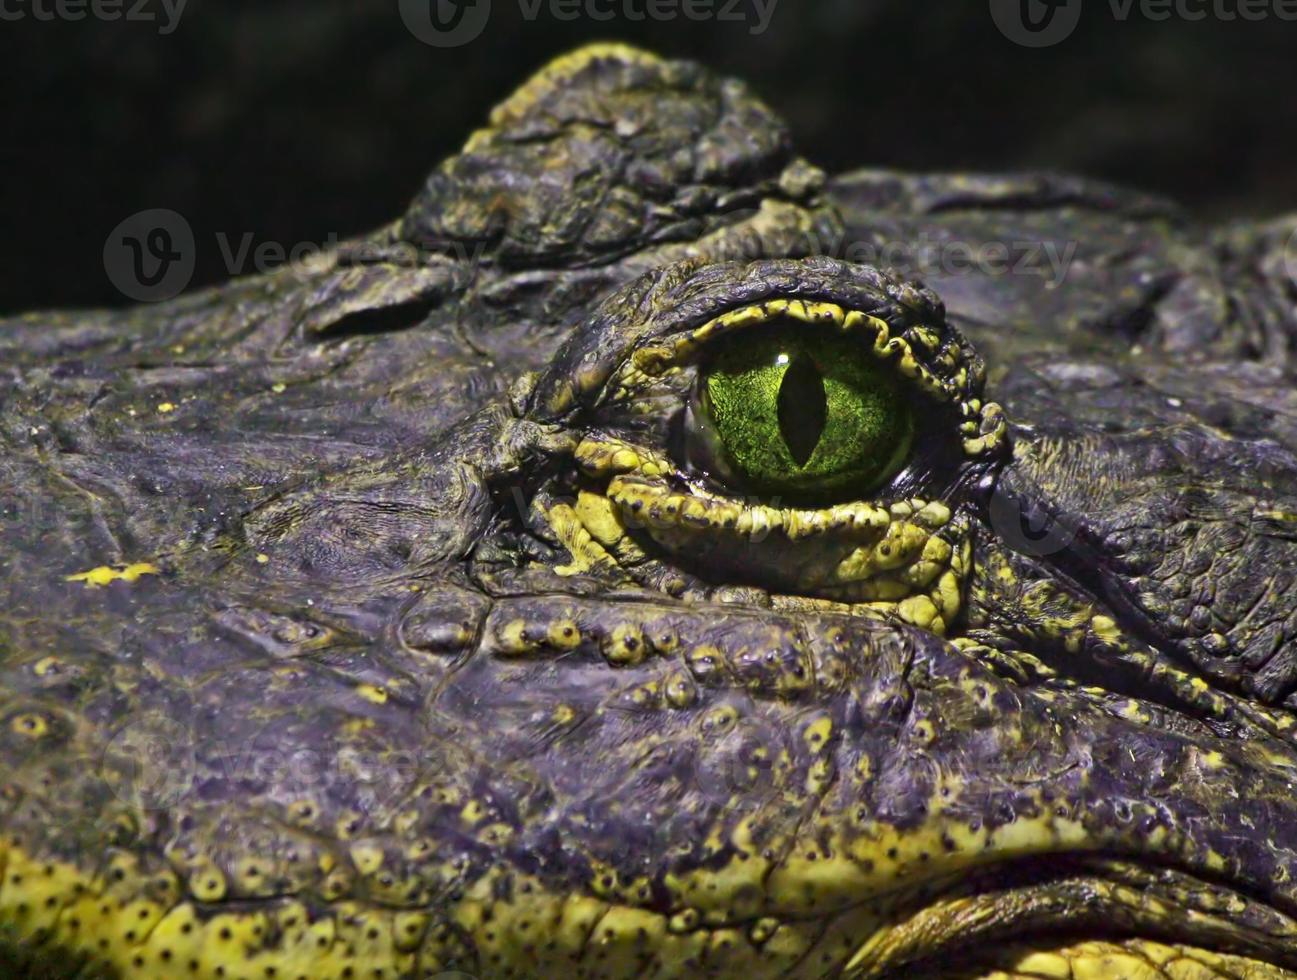 öga på en krokodil foto